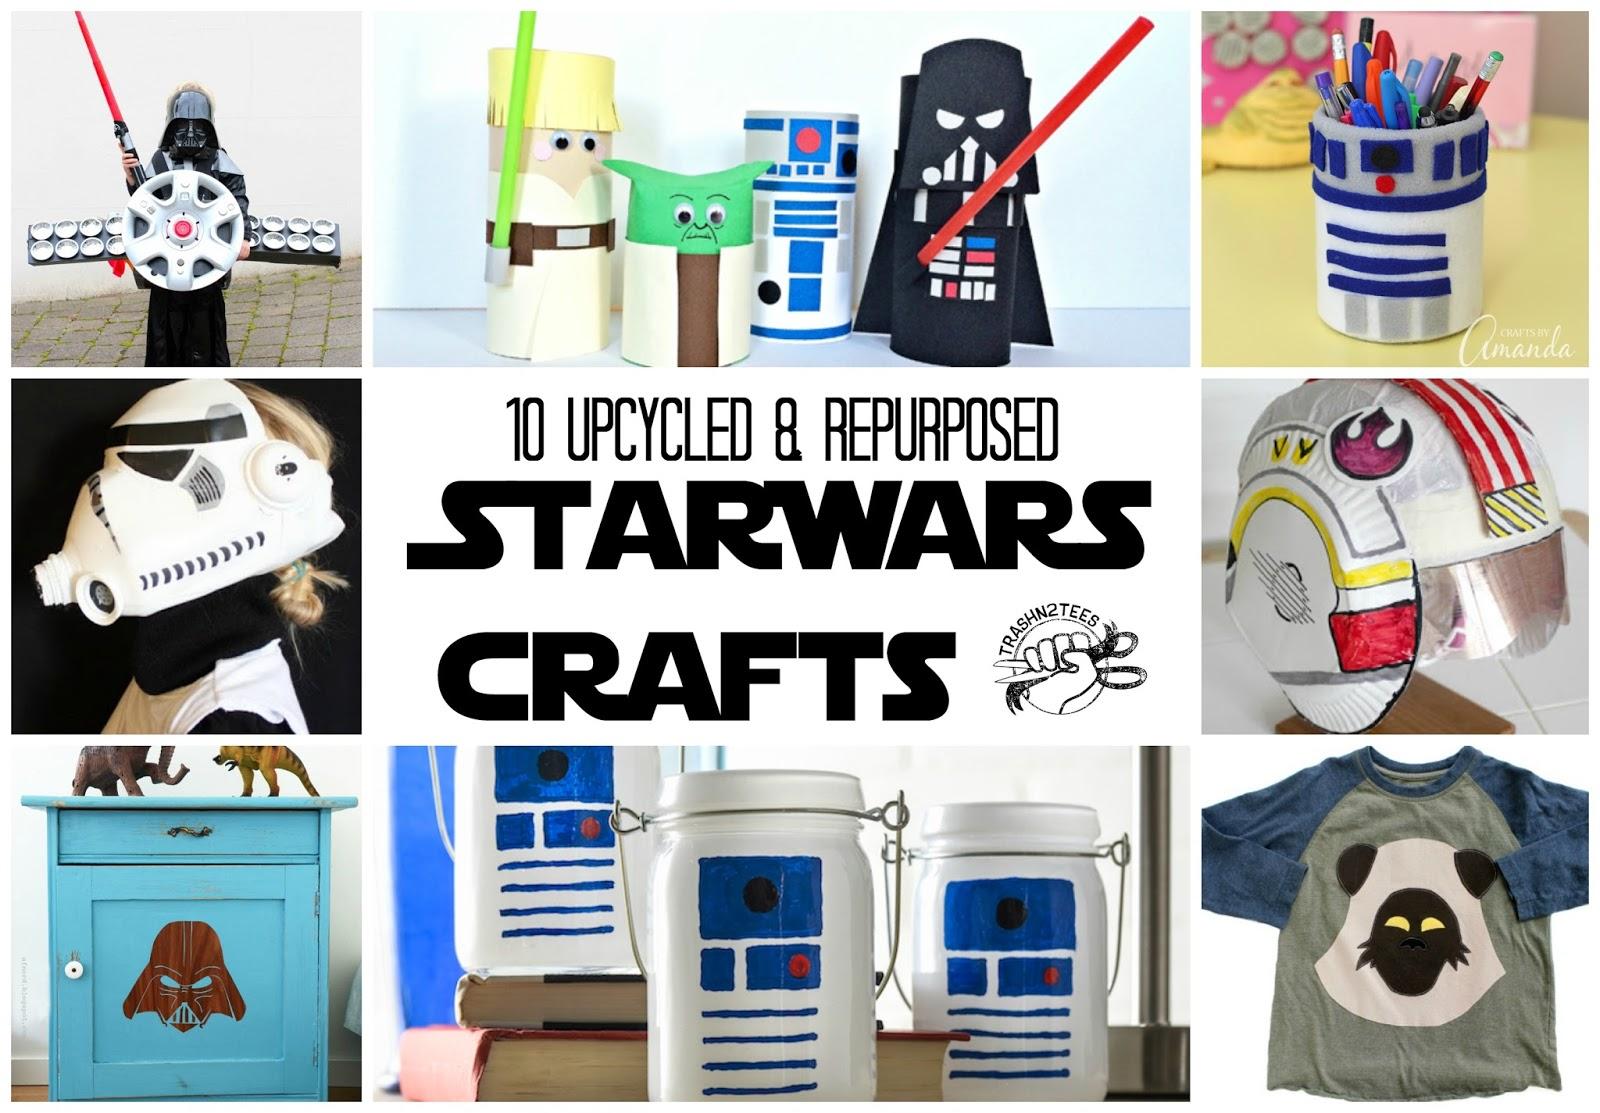 upcycled star wars crafts. Black Bedroom Furniture Sets. Home Design Ideas